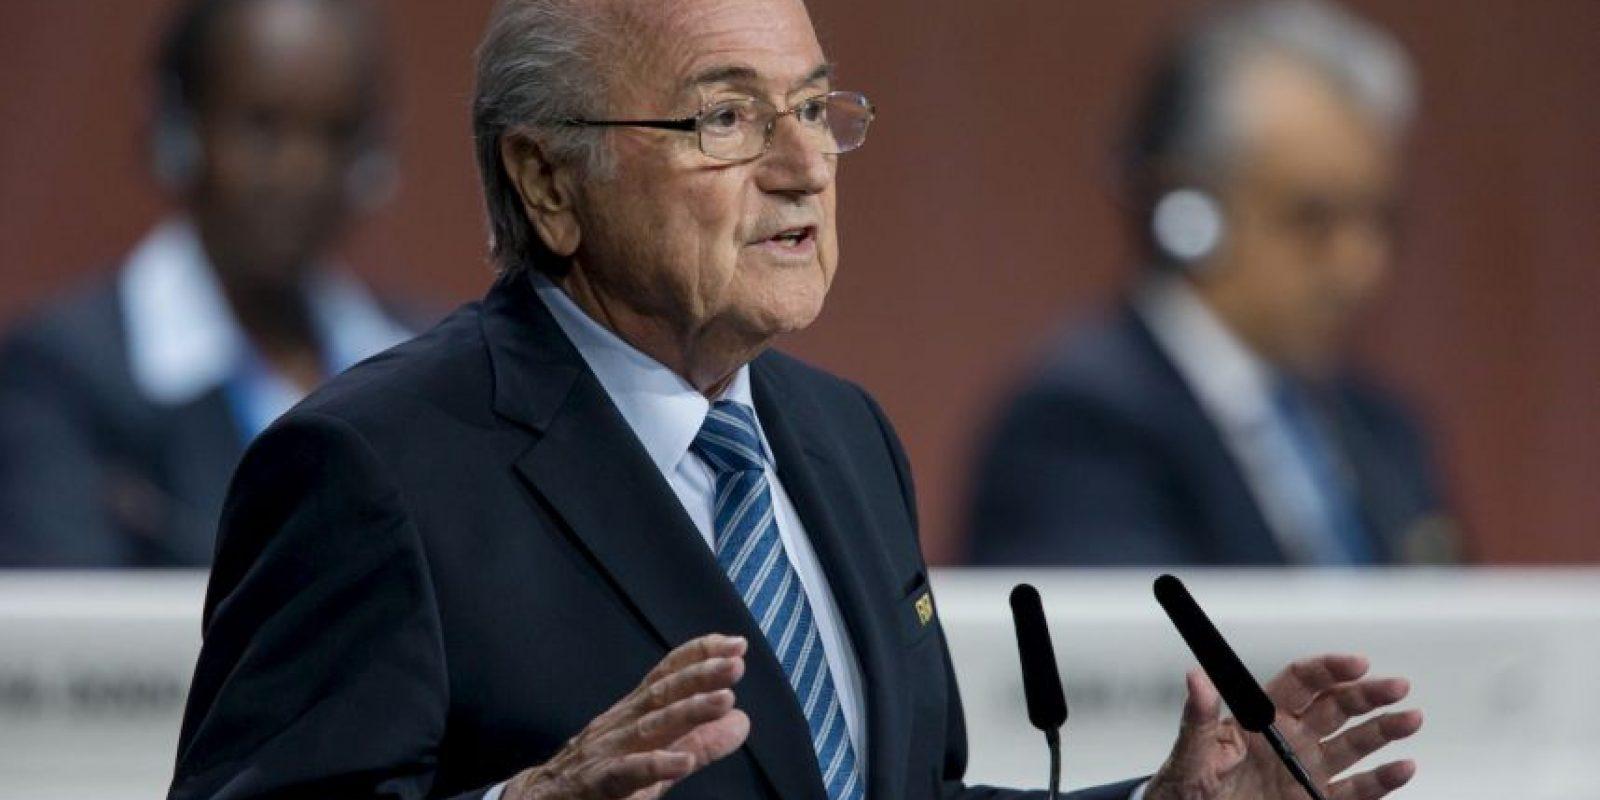 Está siendo altamente cuestionado debido al escándalo de corrupción que se desató esta semana Foto:Getty Images